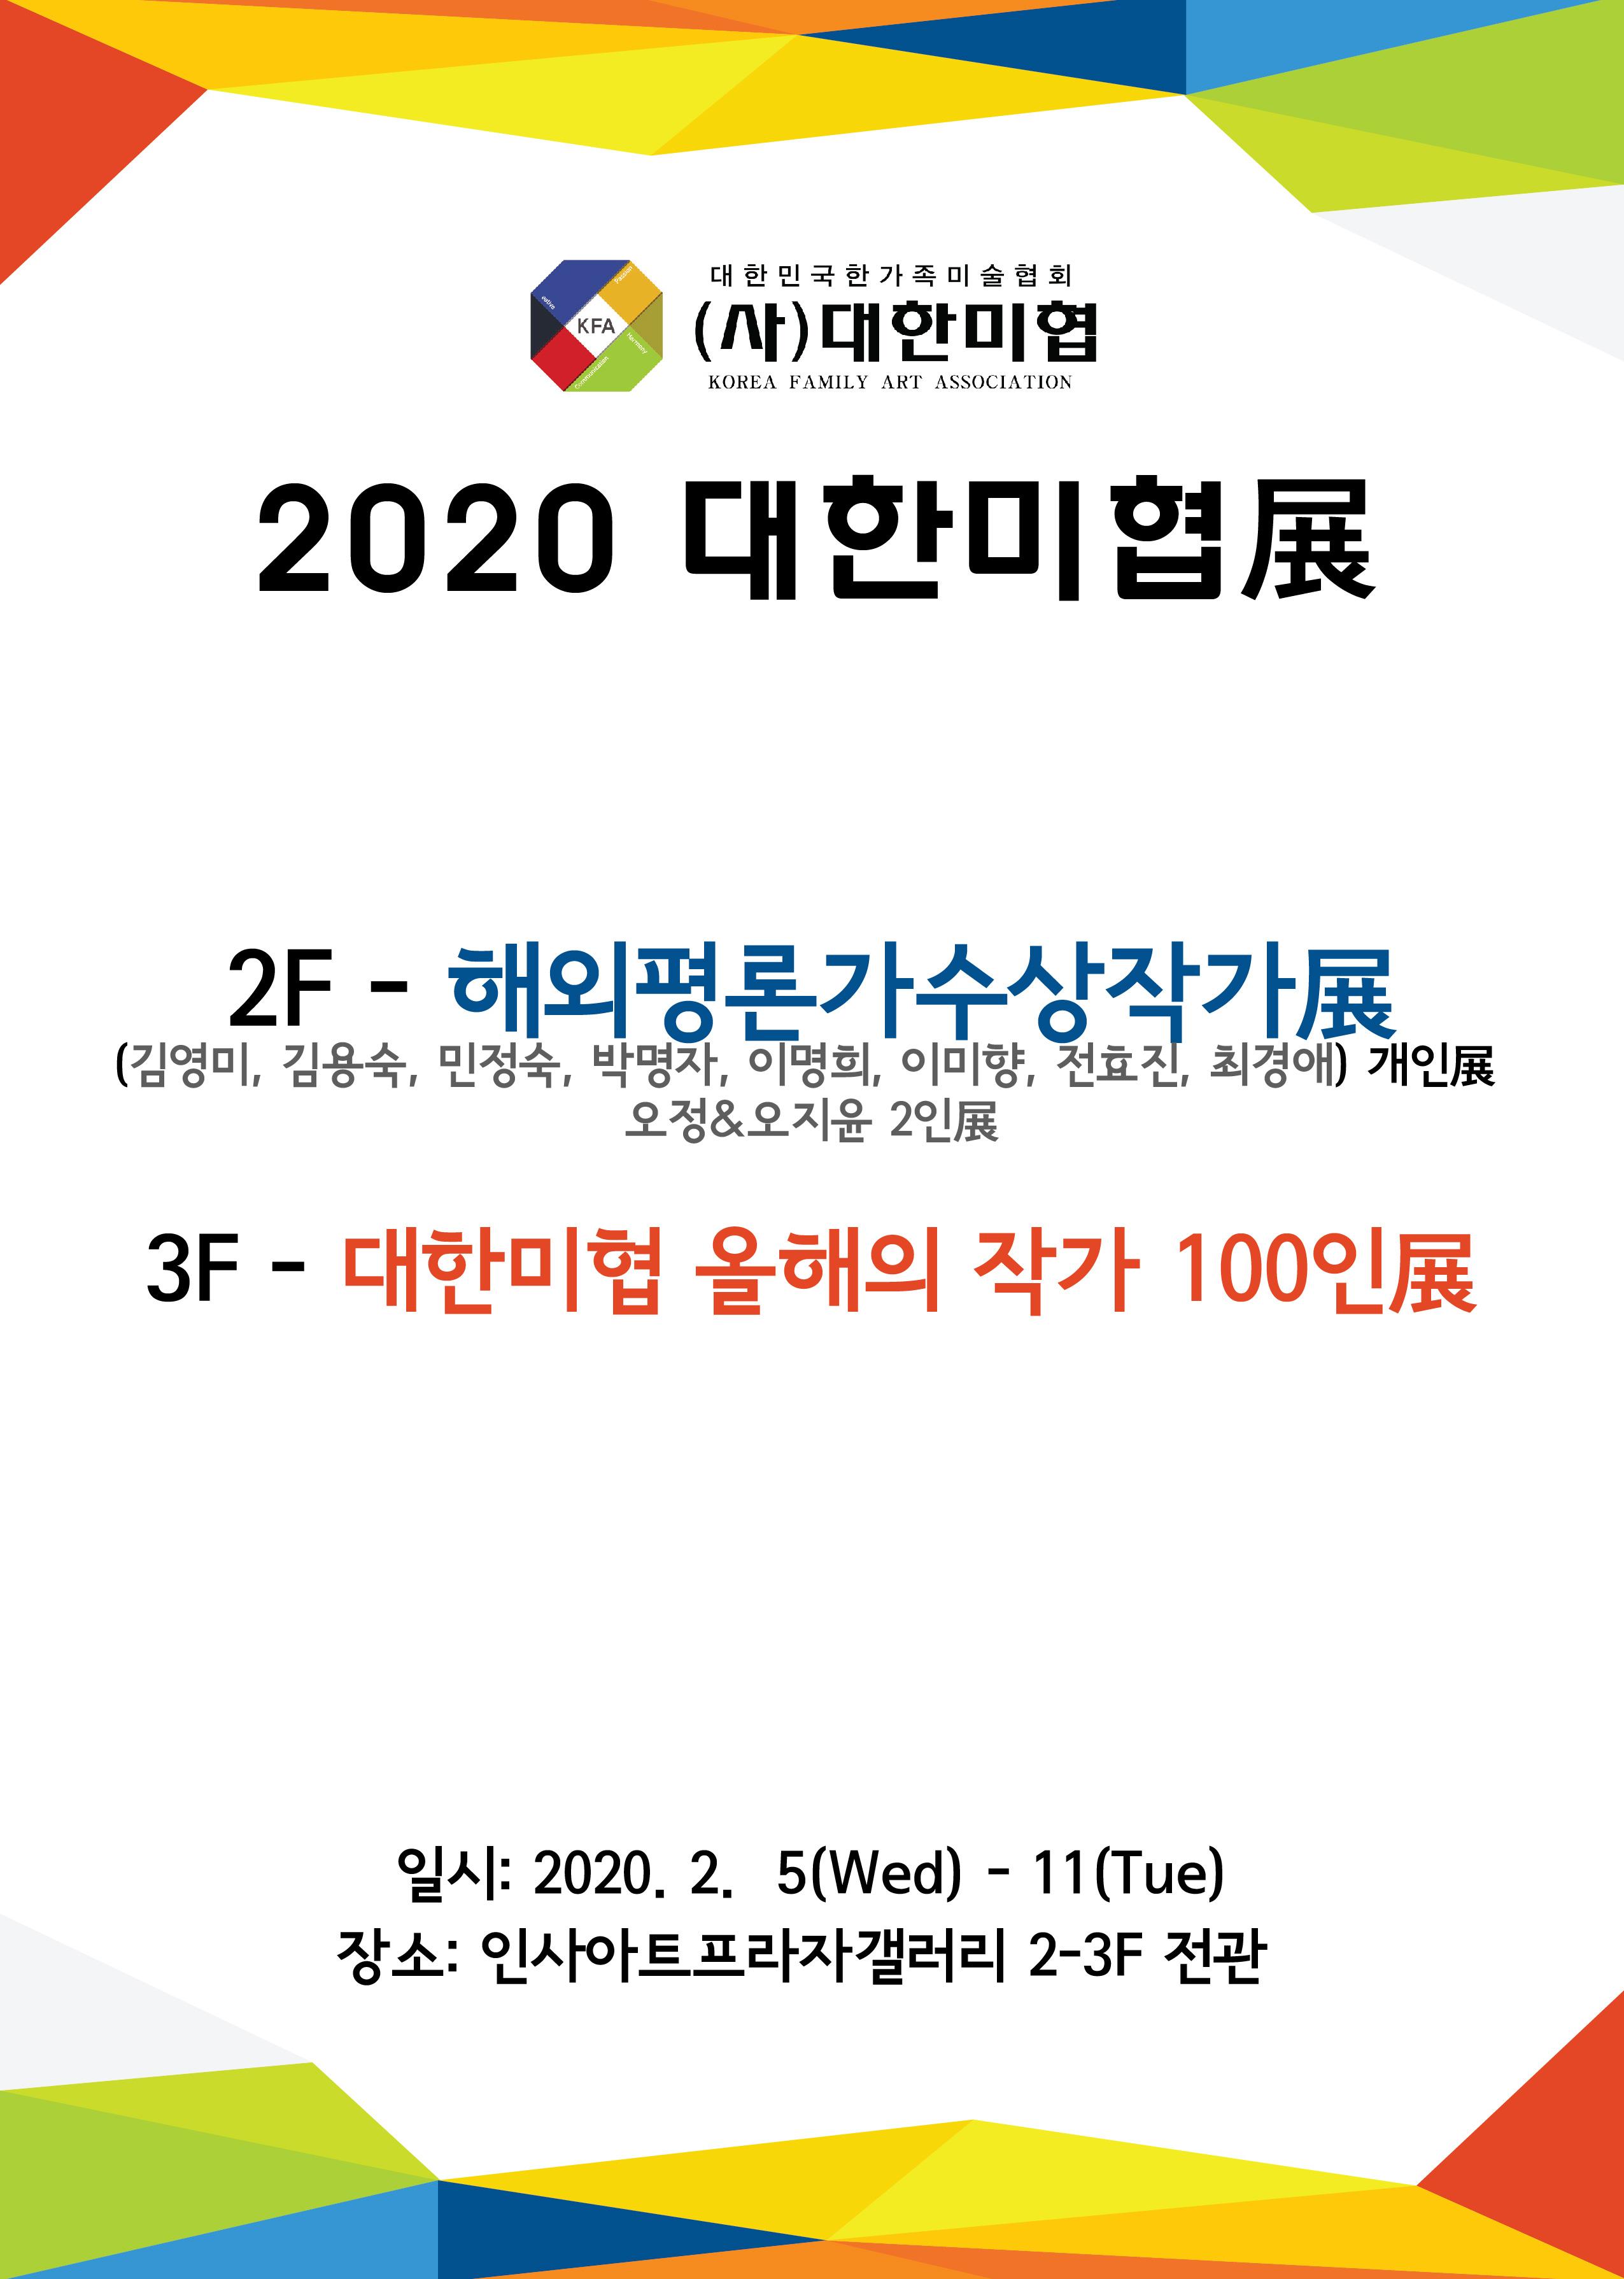 대한미협_포스터-01.jpg